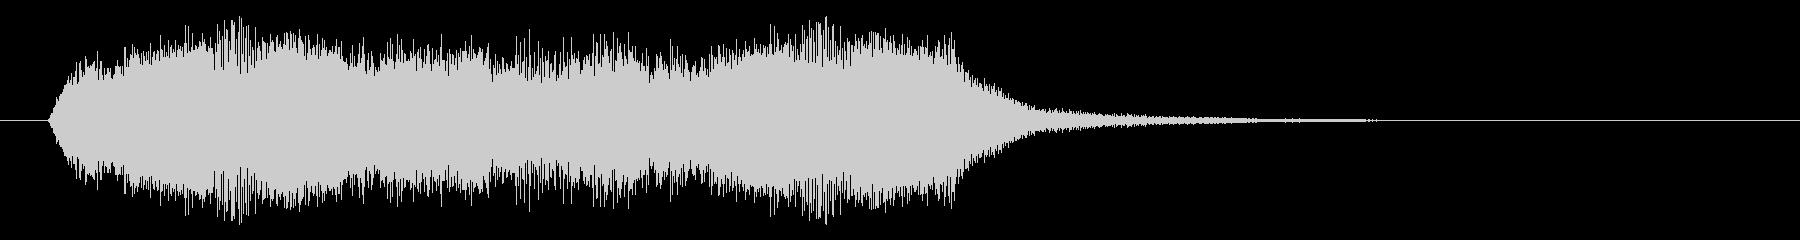 絶望 パイプオルガンのジングルの未再生の波形